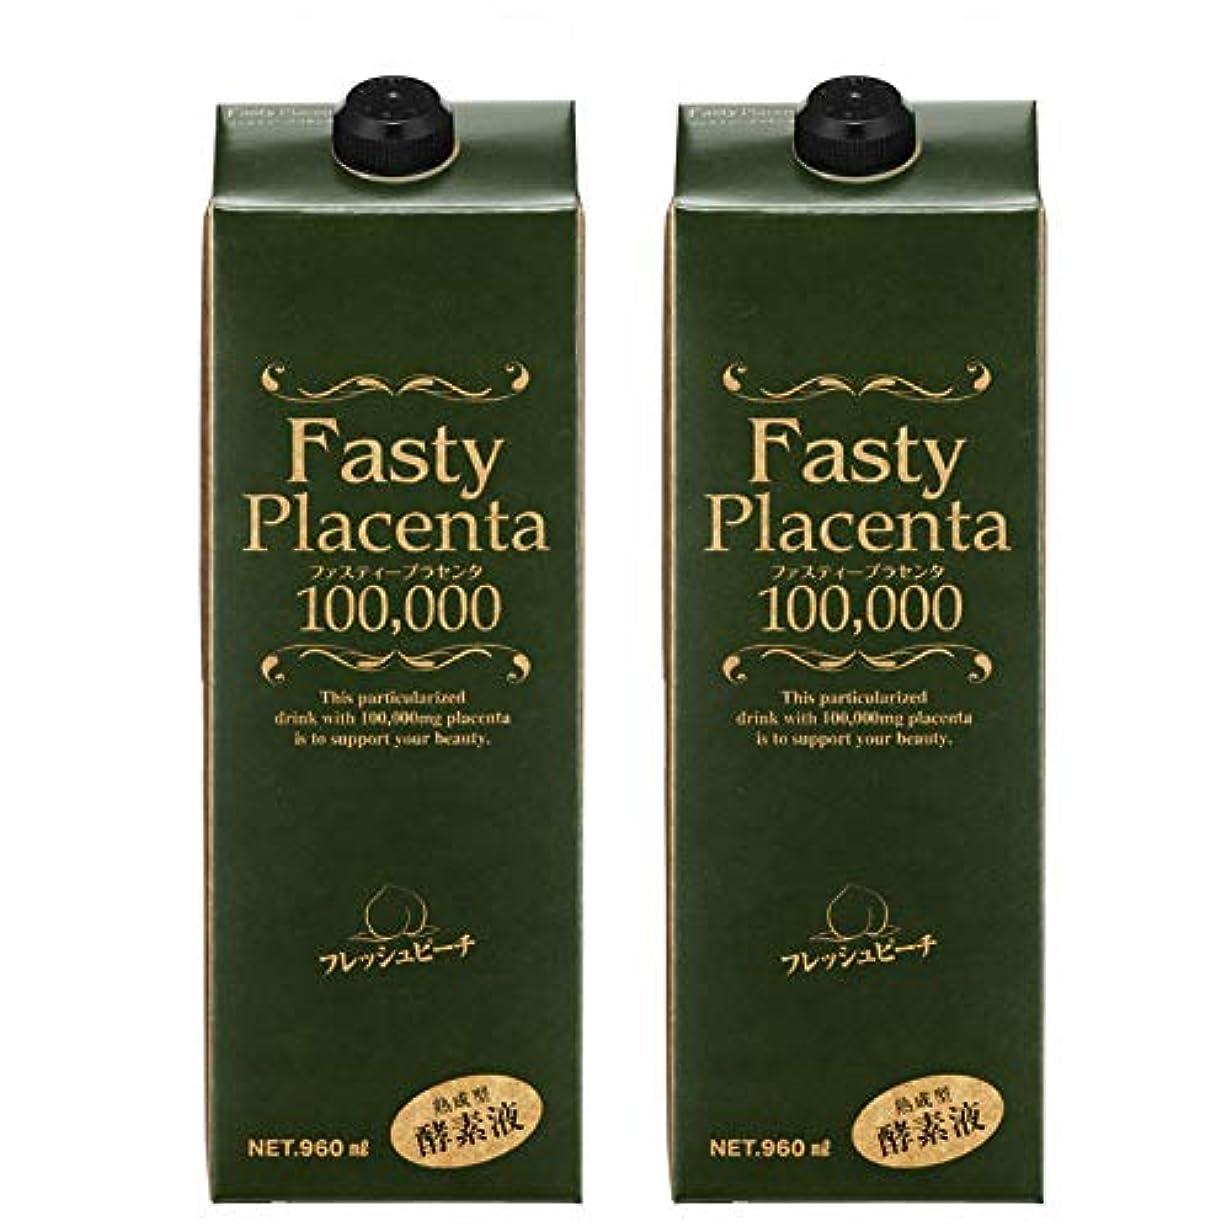 もろいバウンド放射するファスティープラセンタ100,000 増量パック(フレッシュピーチ味) 2本